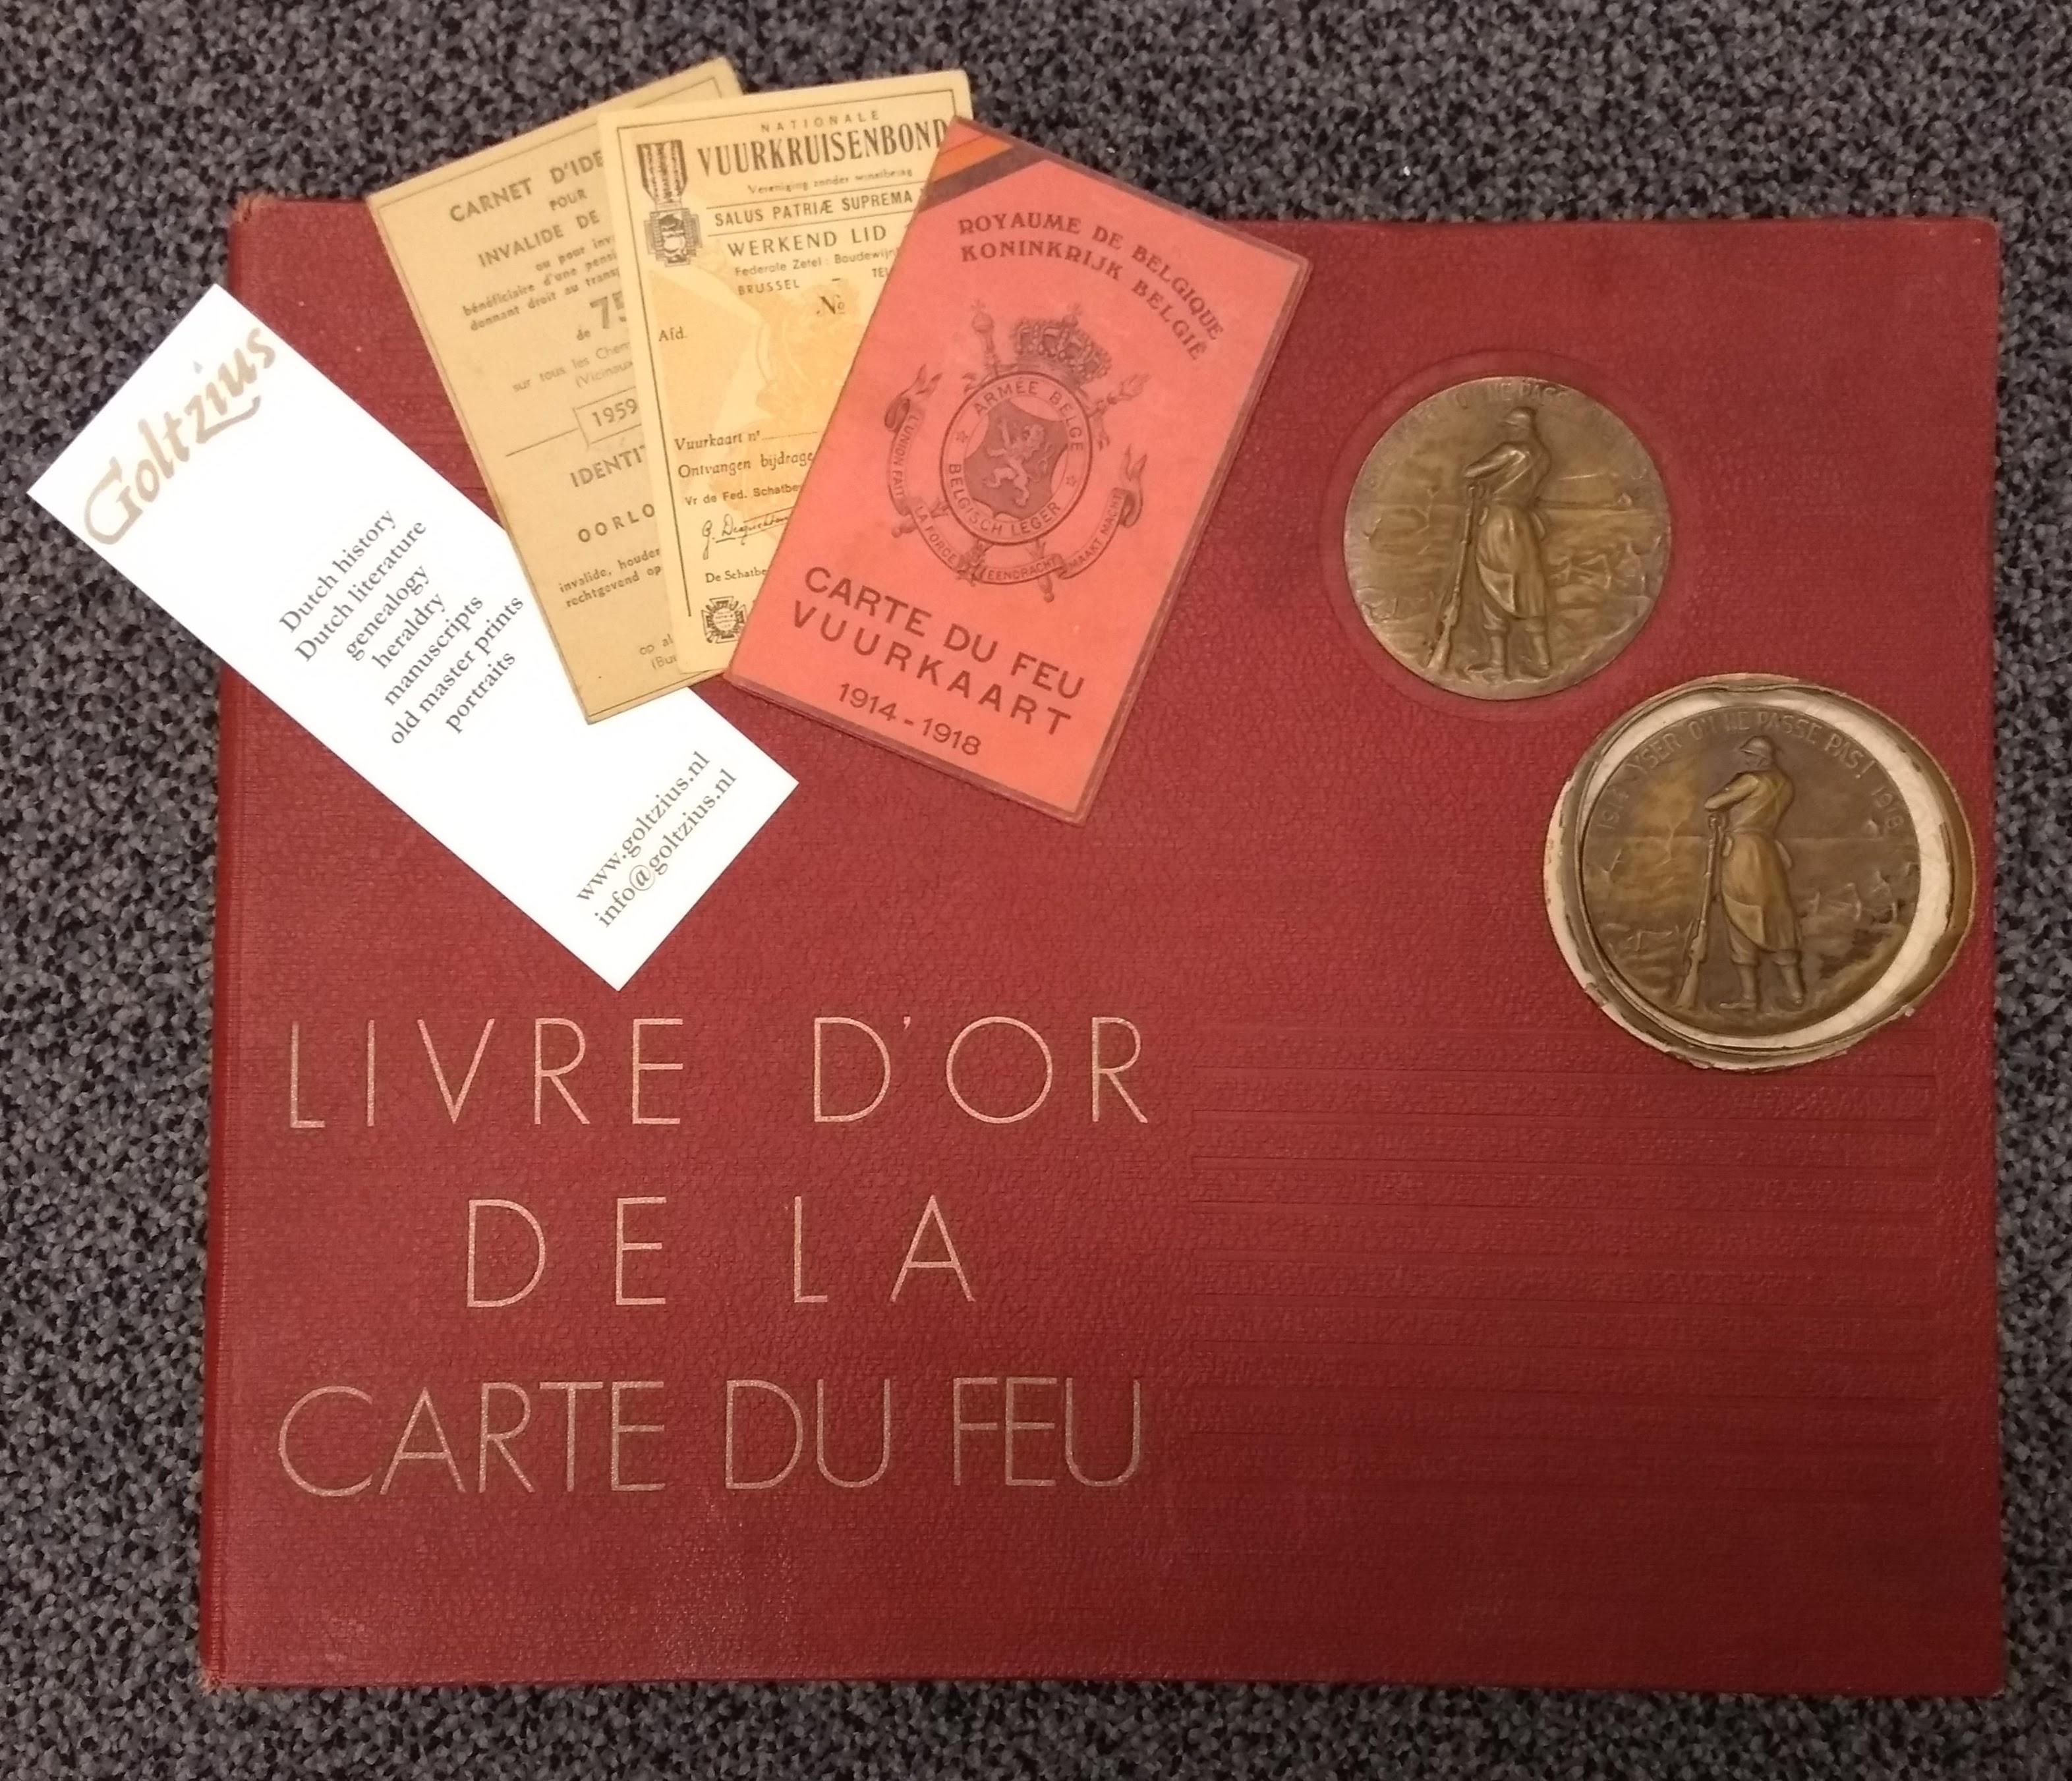 Livre d'or de la Carte de Feu of Marcel H.G. Grenier